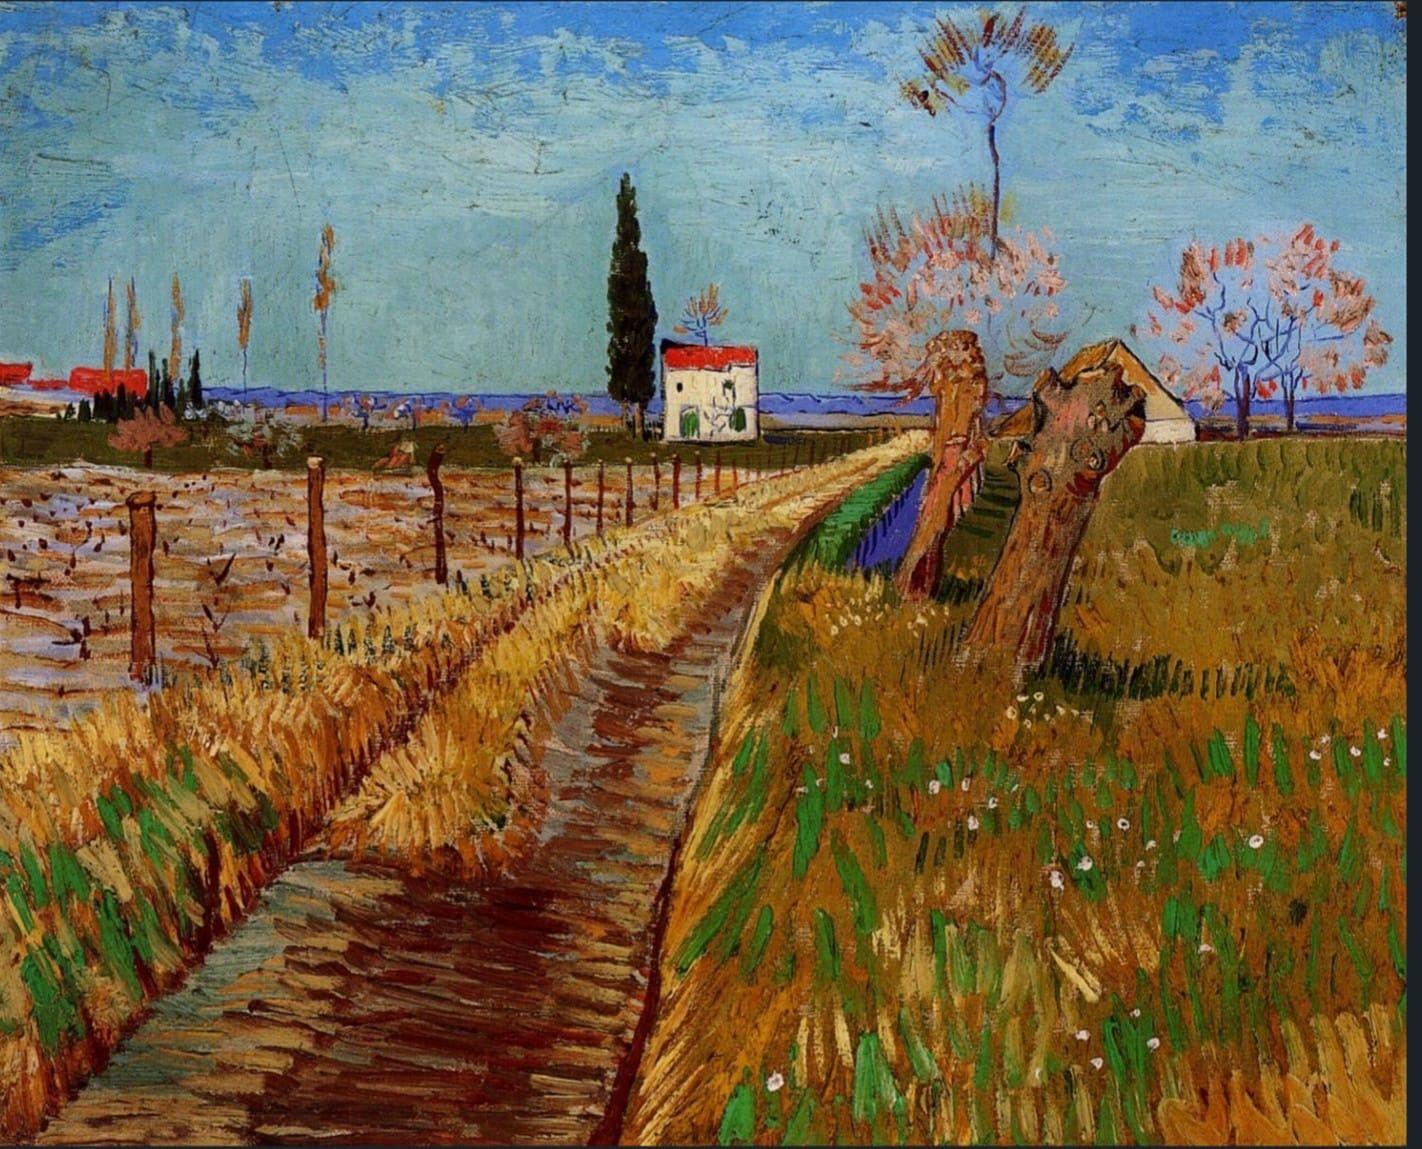 Epingle Par Nothingbutperfection Sur Art 200 Vincent Van Gogh